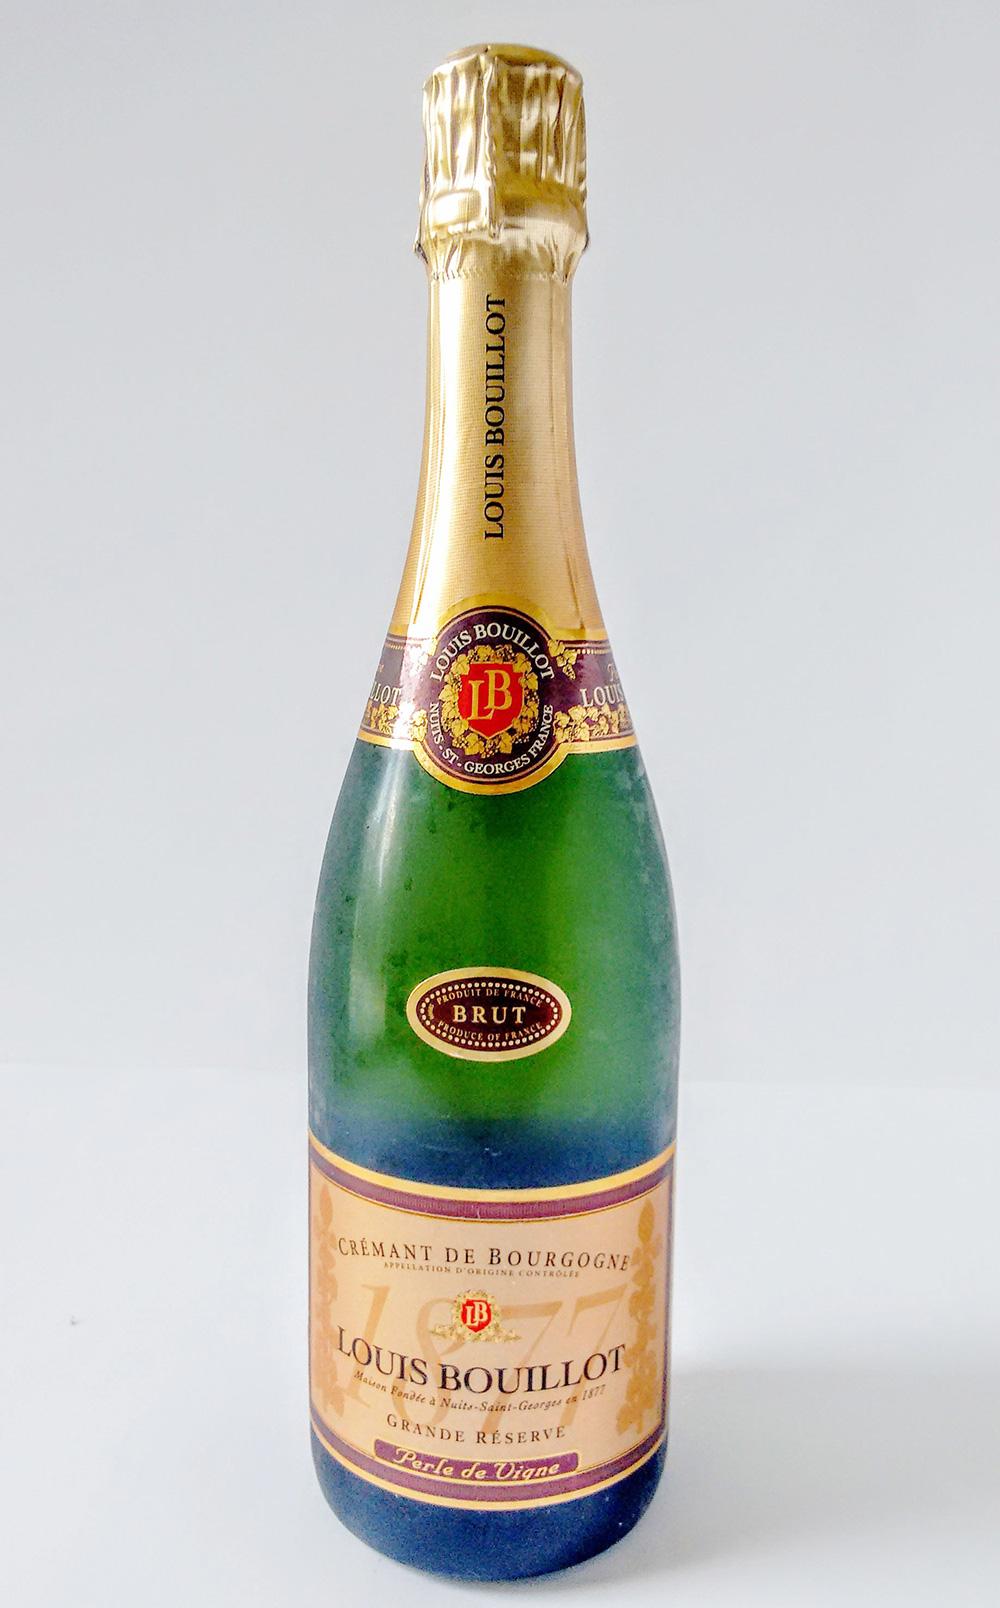 A bottle of louis bouillot cremant de bourgogne